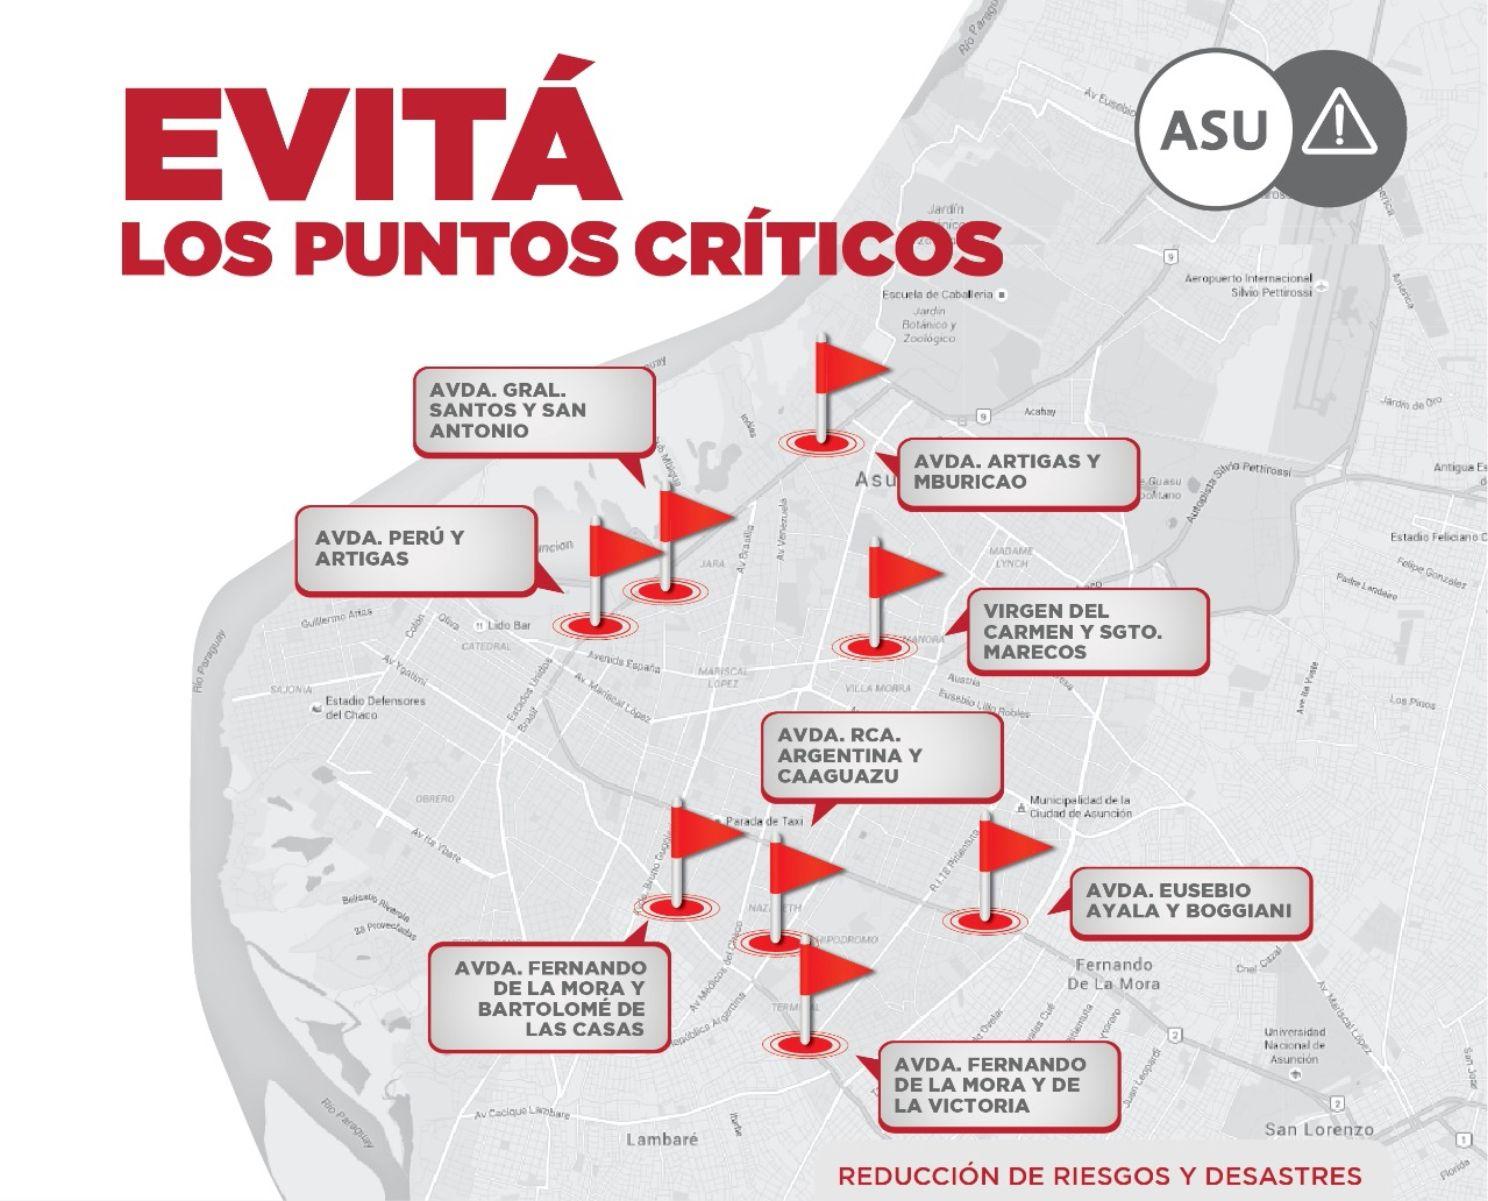 La Comuna de Asunción presentó este mapa de los puntos críticos que se deben evitar  en los días de lluvias, pues se forman raudales.